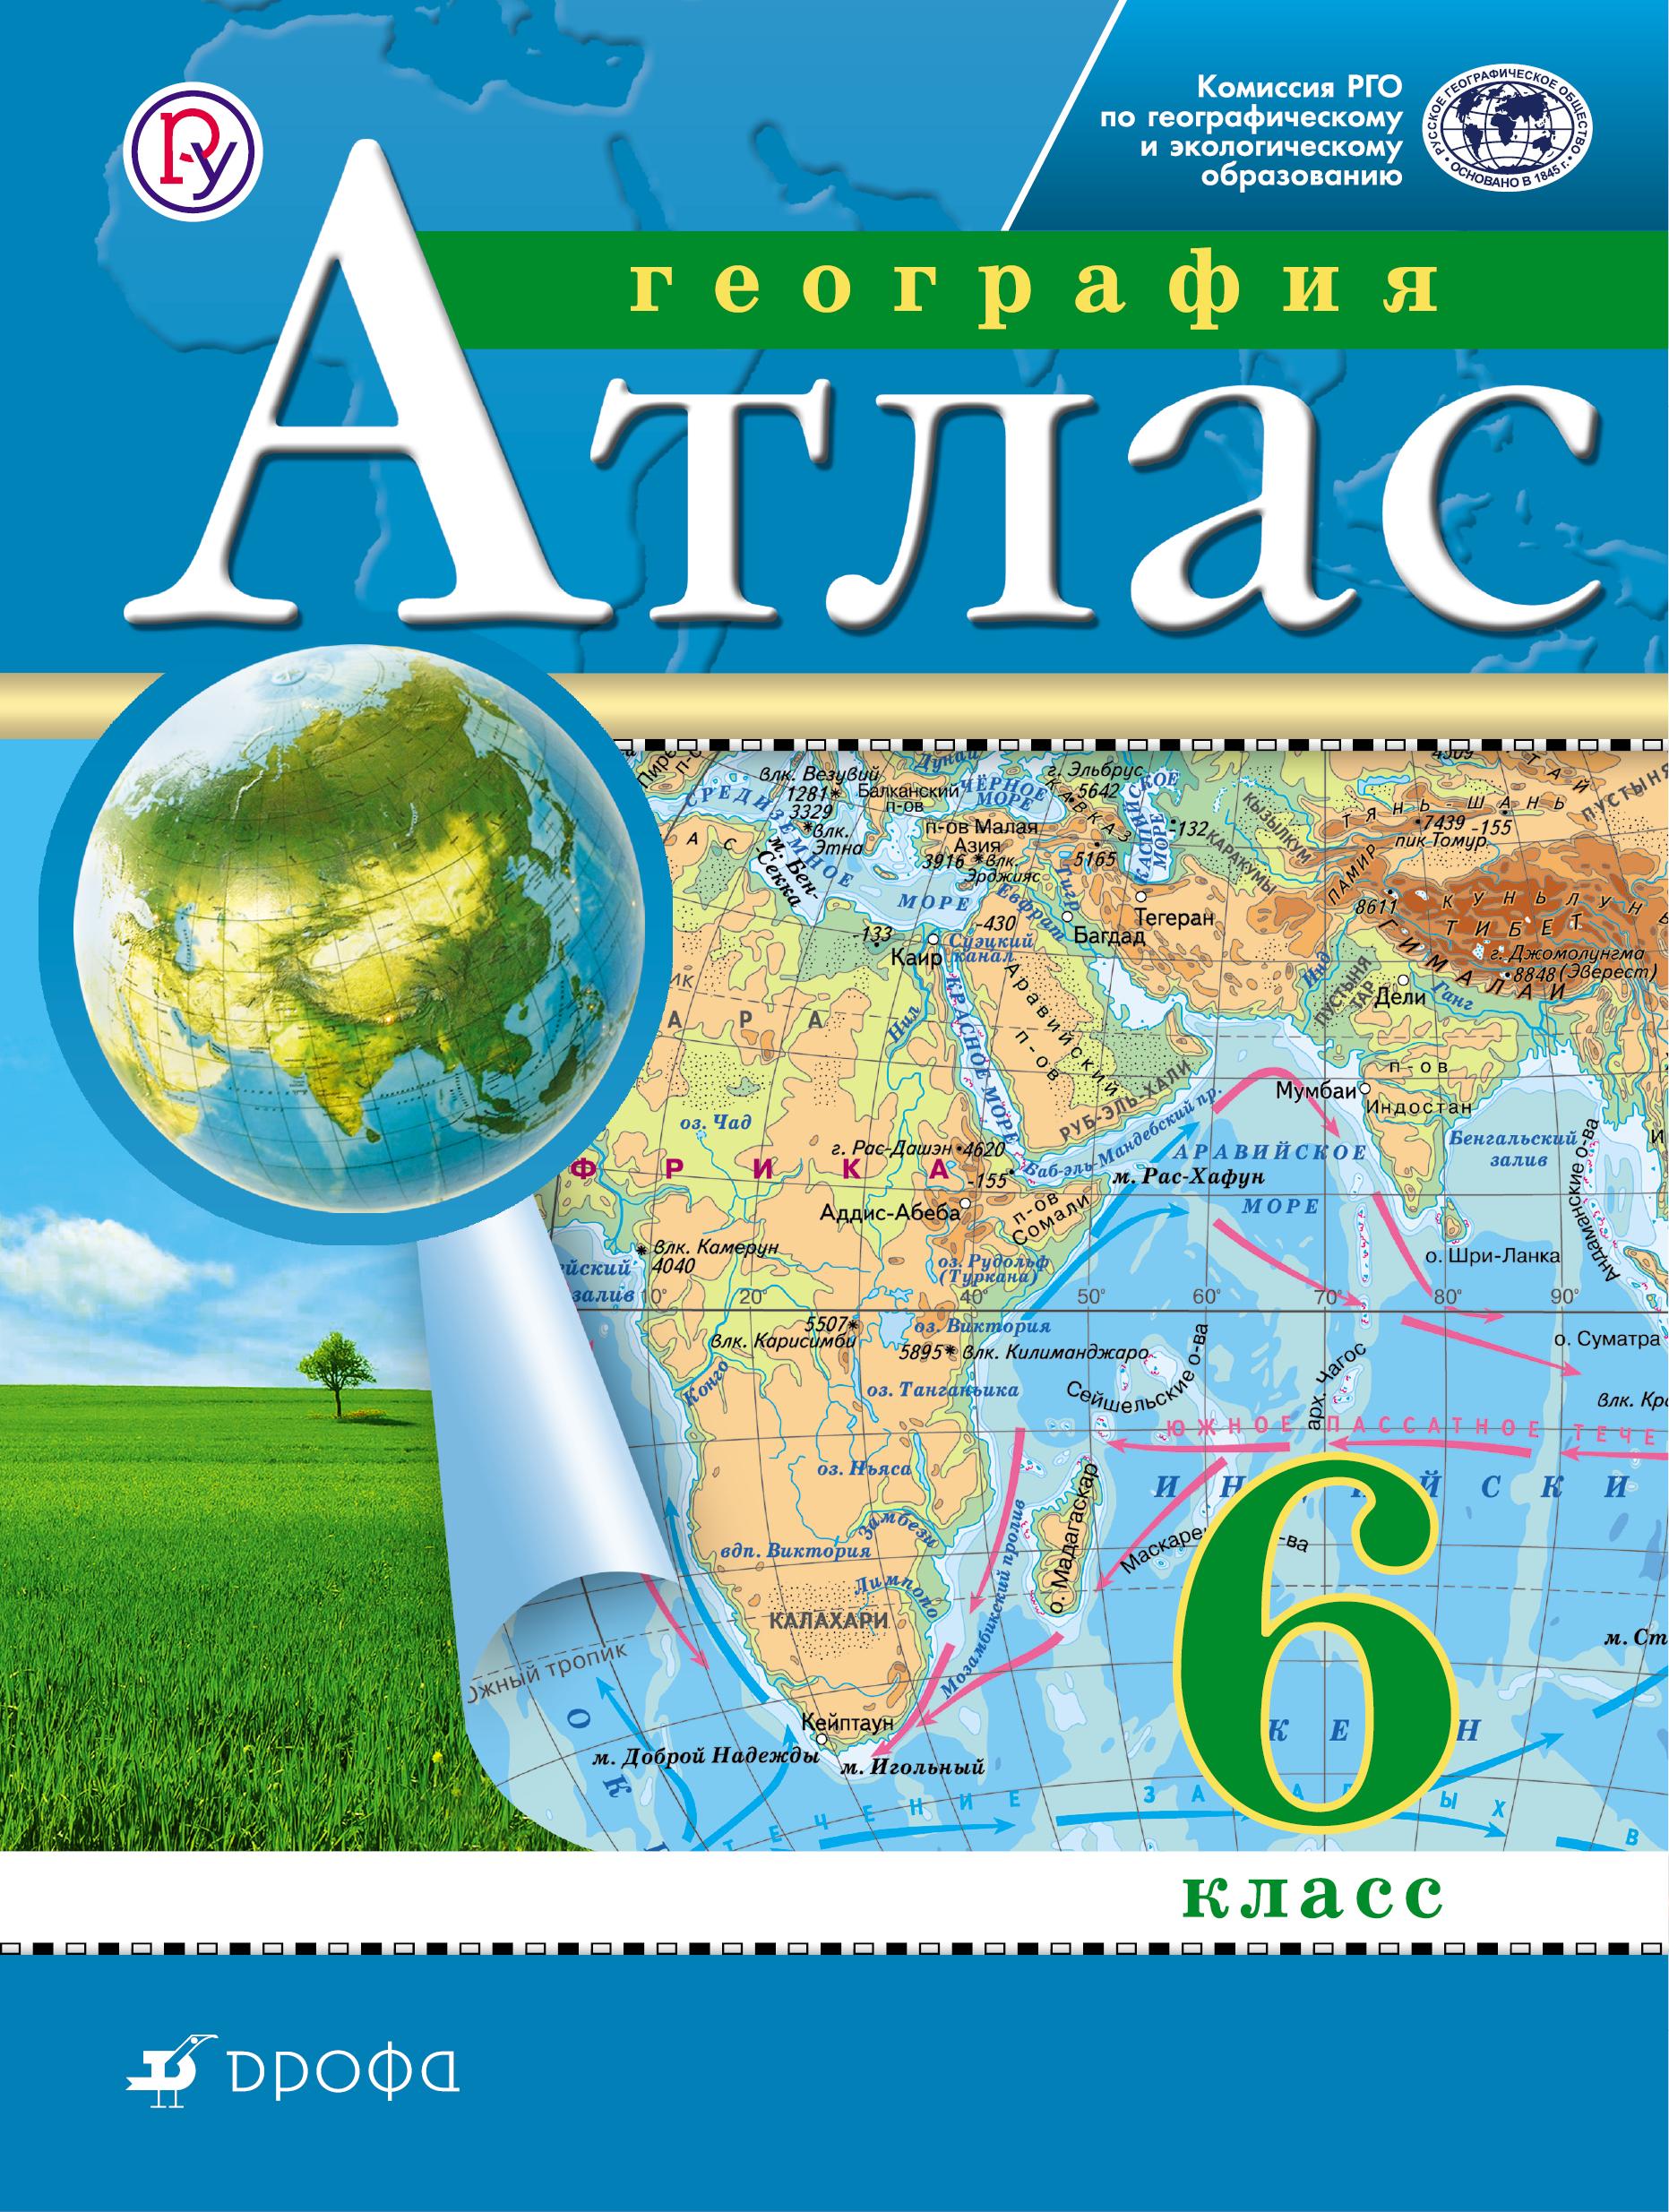 Фото - География. 6 класс. Атлас география 6 класс атлас рго